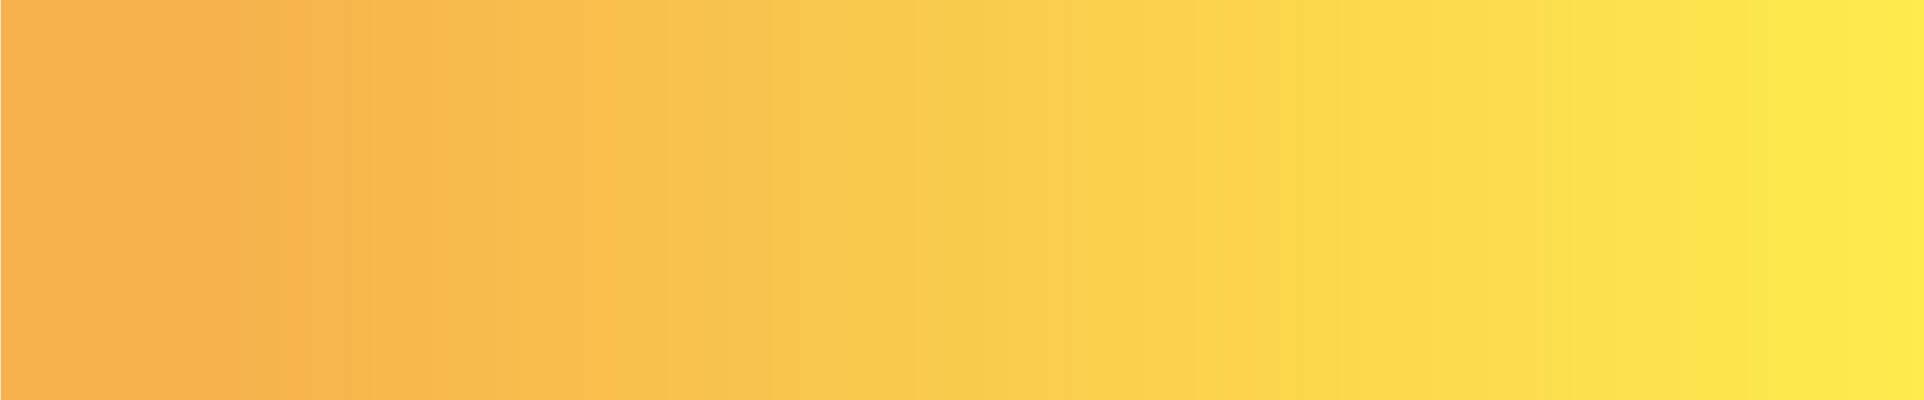 fondo-amarillo.